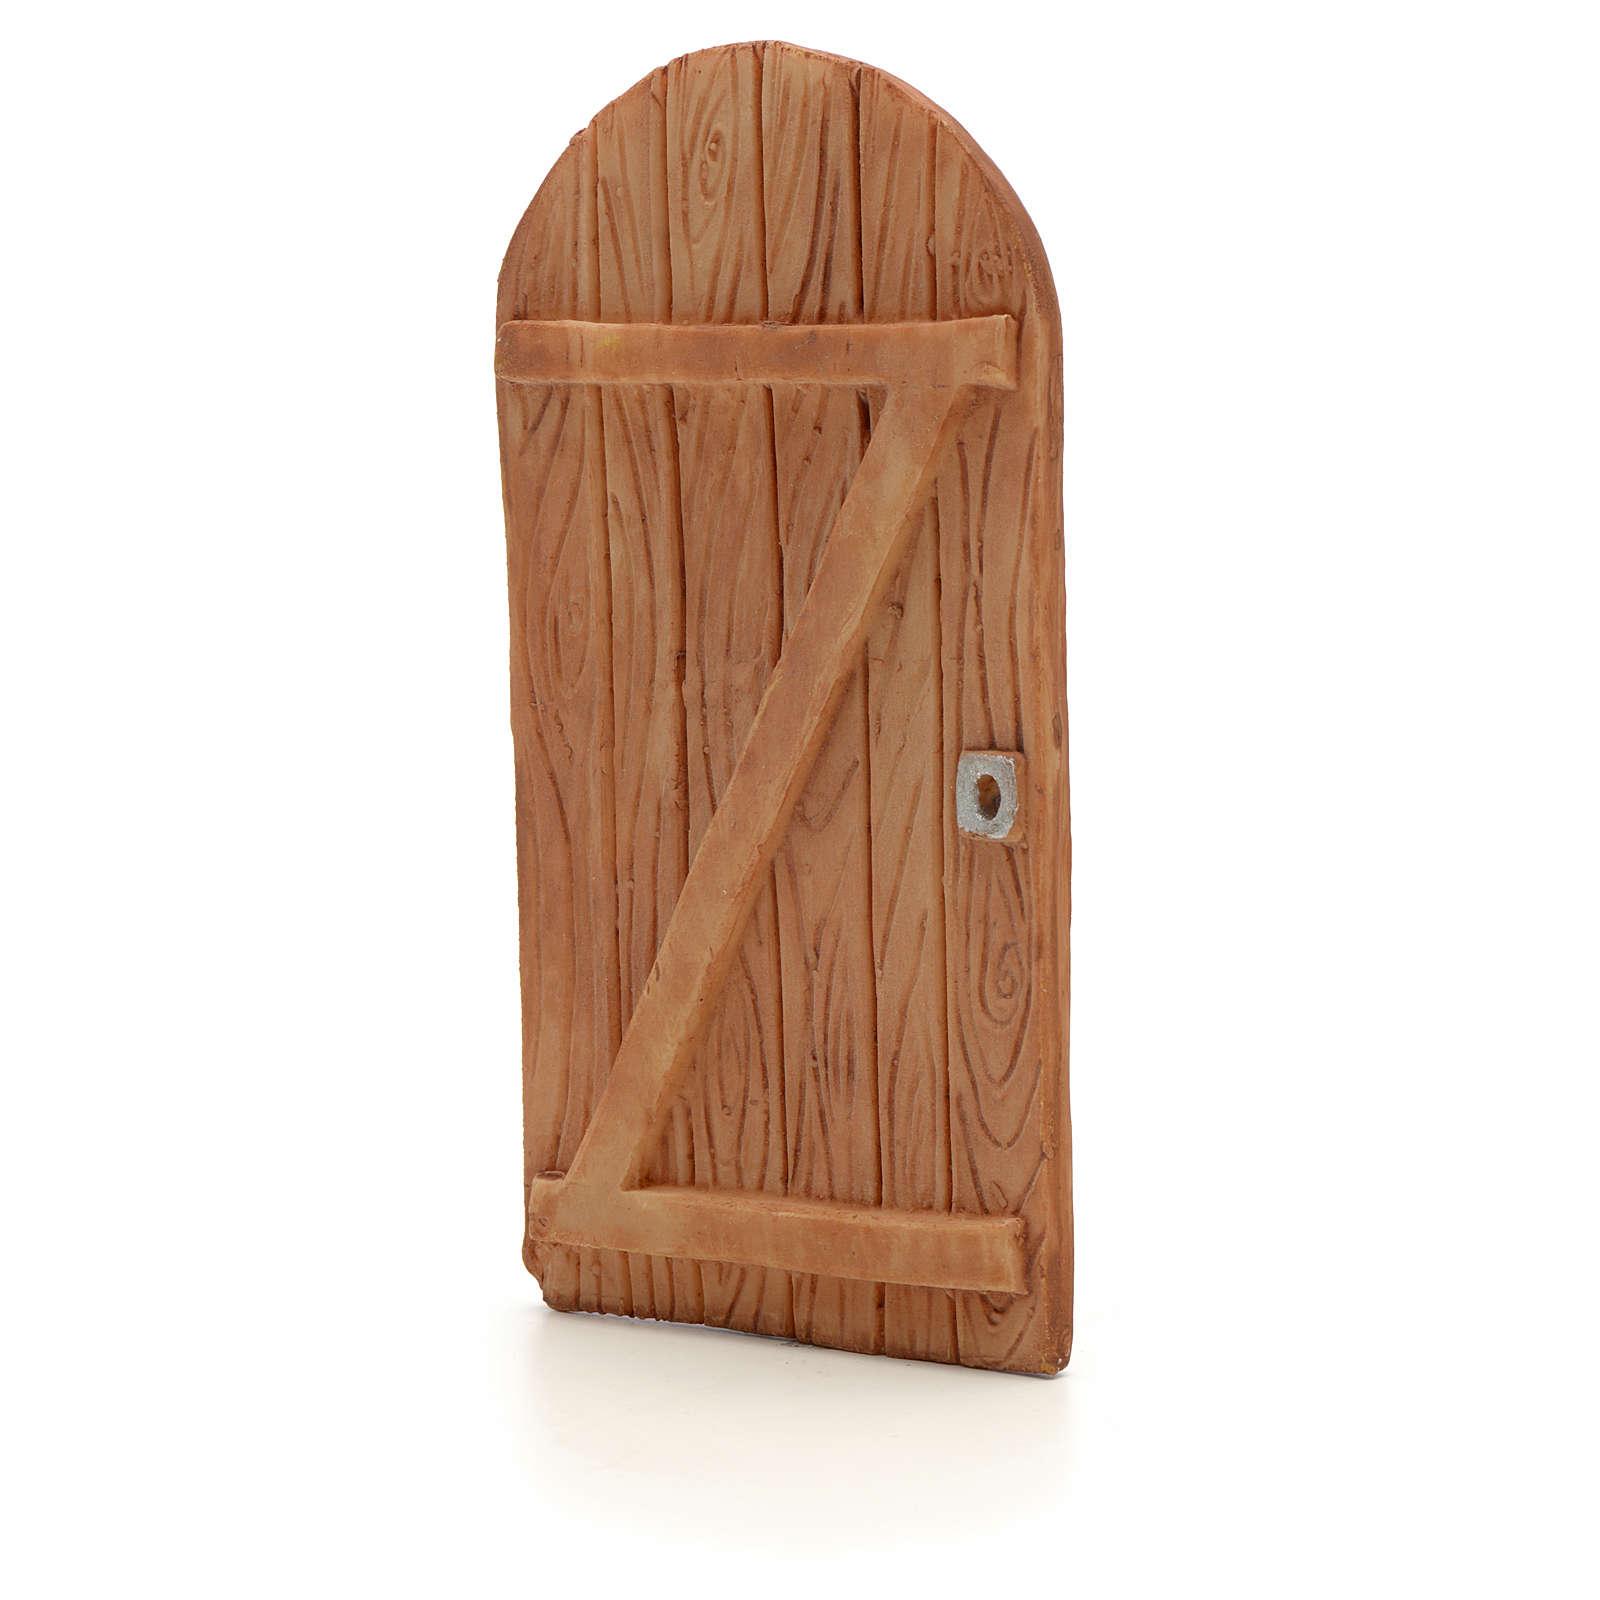 Drzwi łukowe z żywicy 11.5x5.5 cm 4